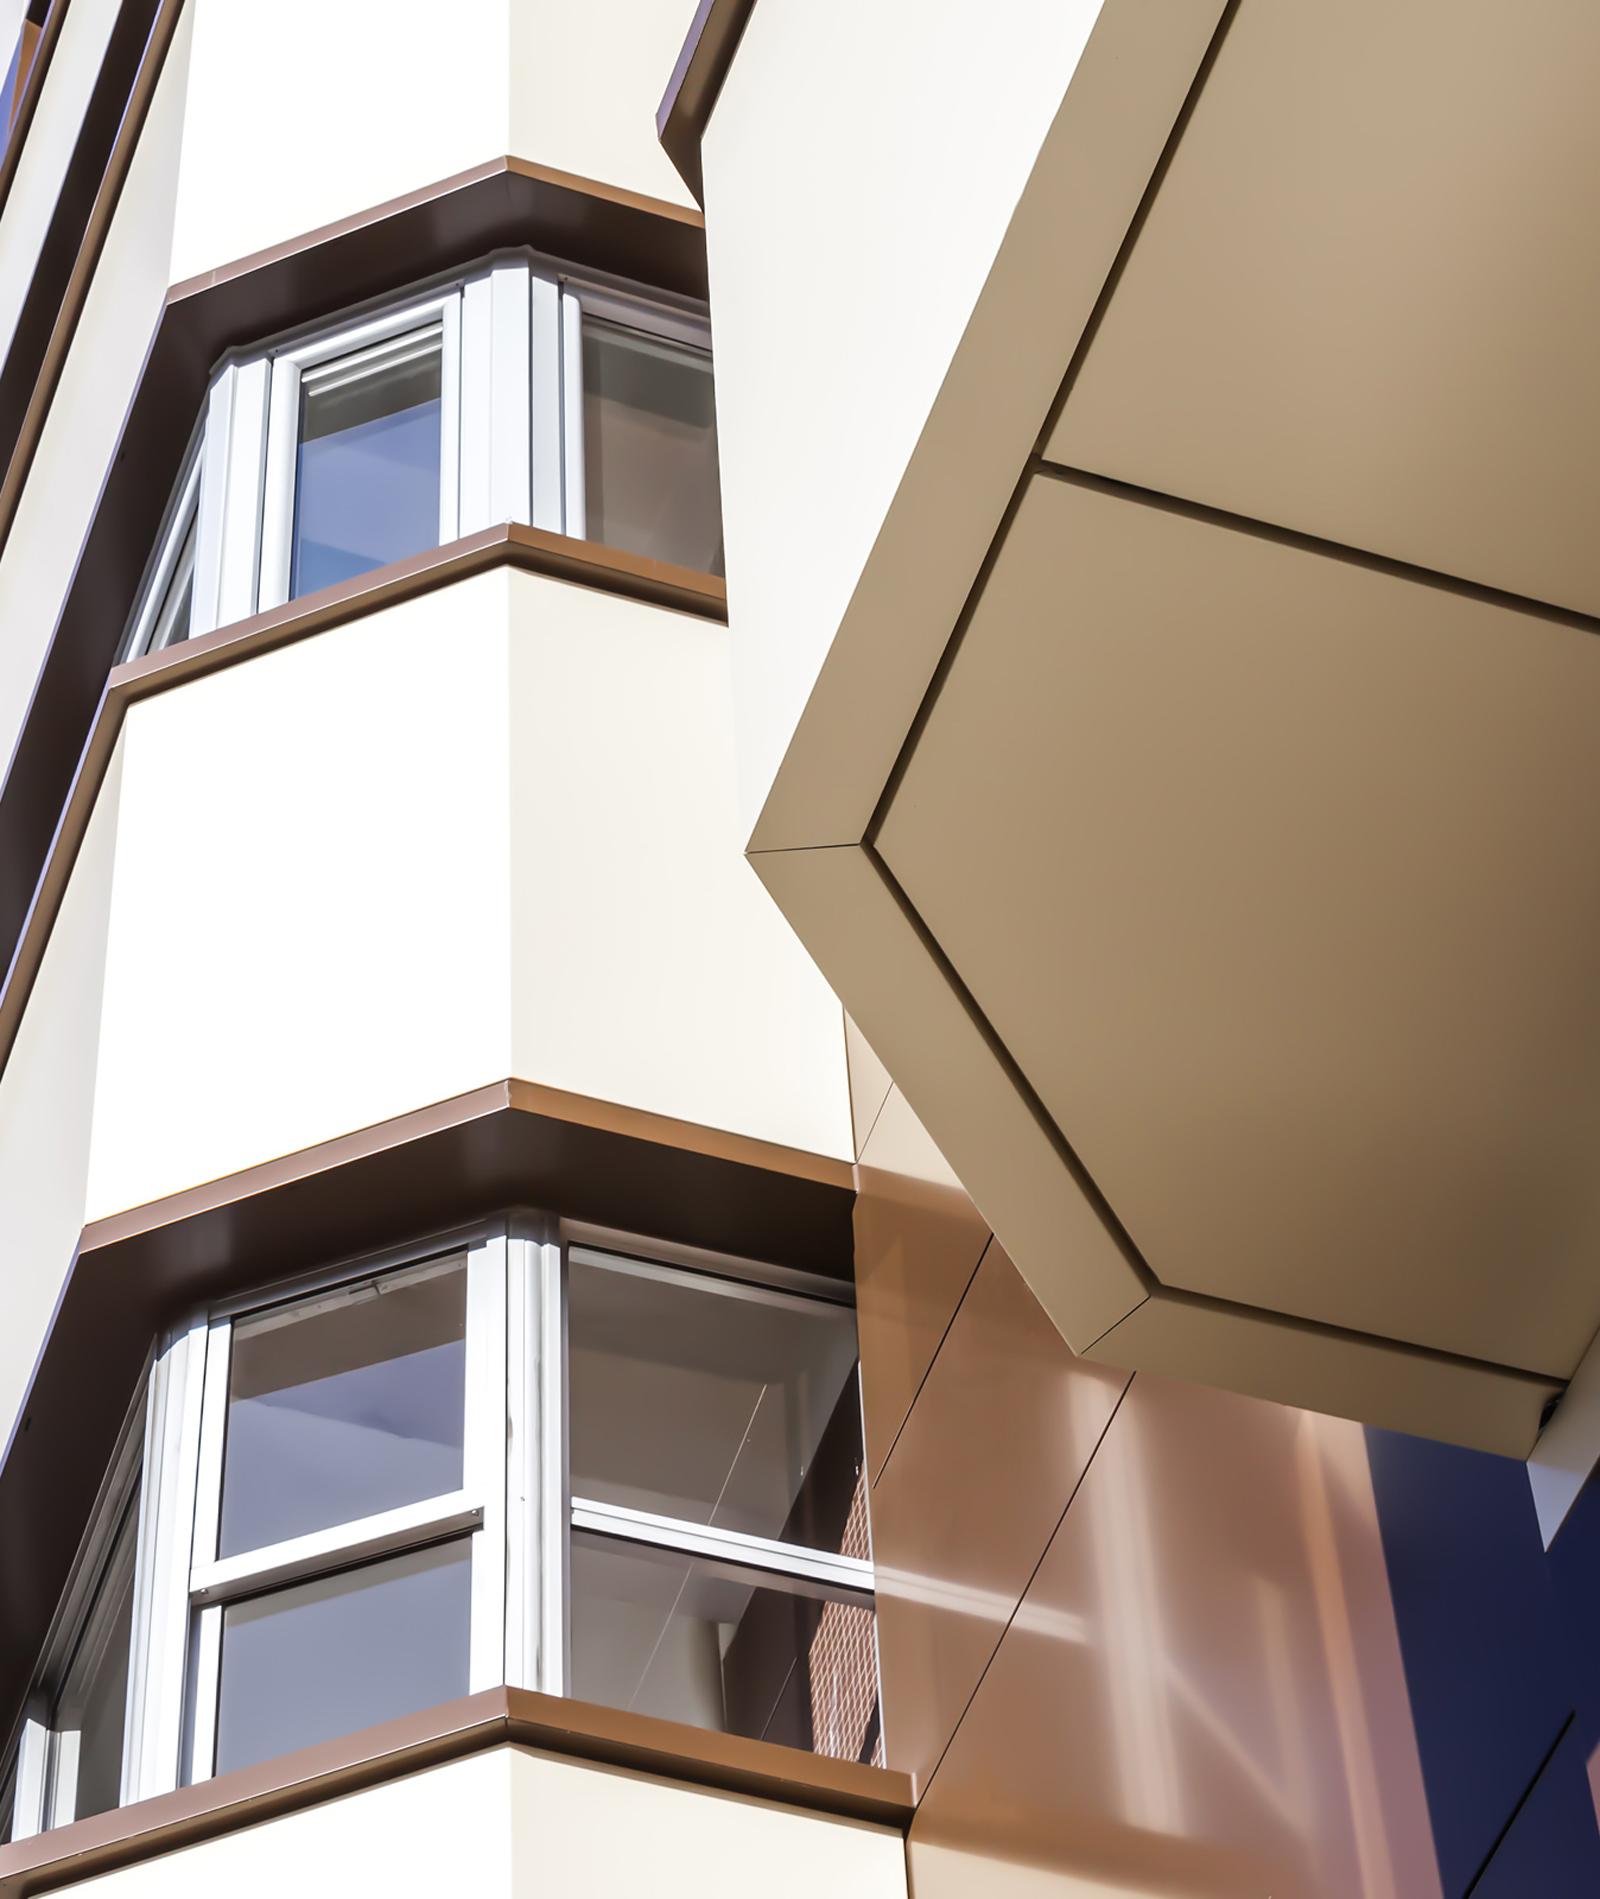 casanova-de-eiris-edificio-residencial-detalle-STB-485